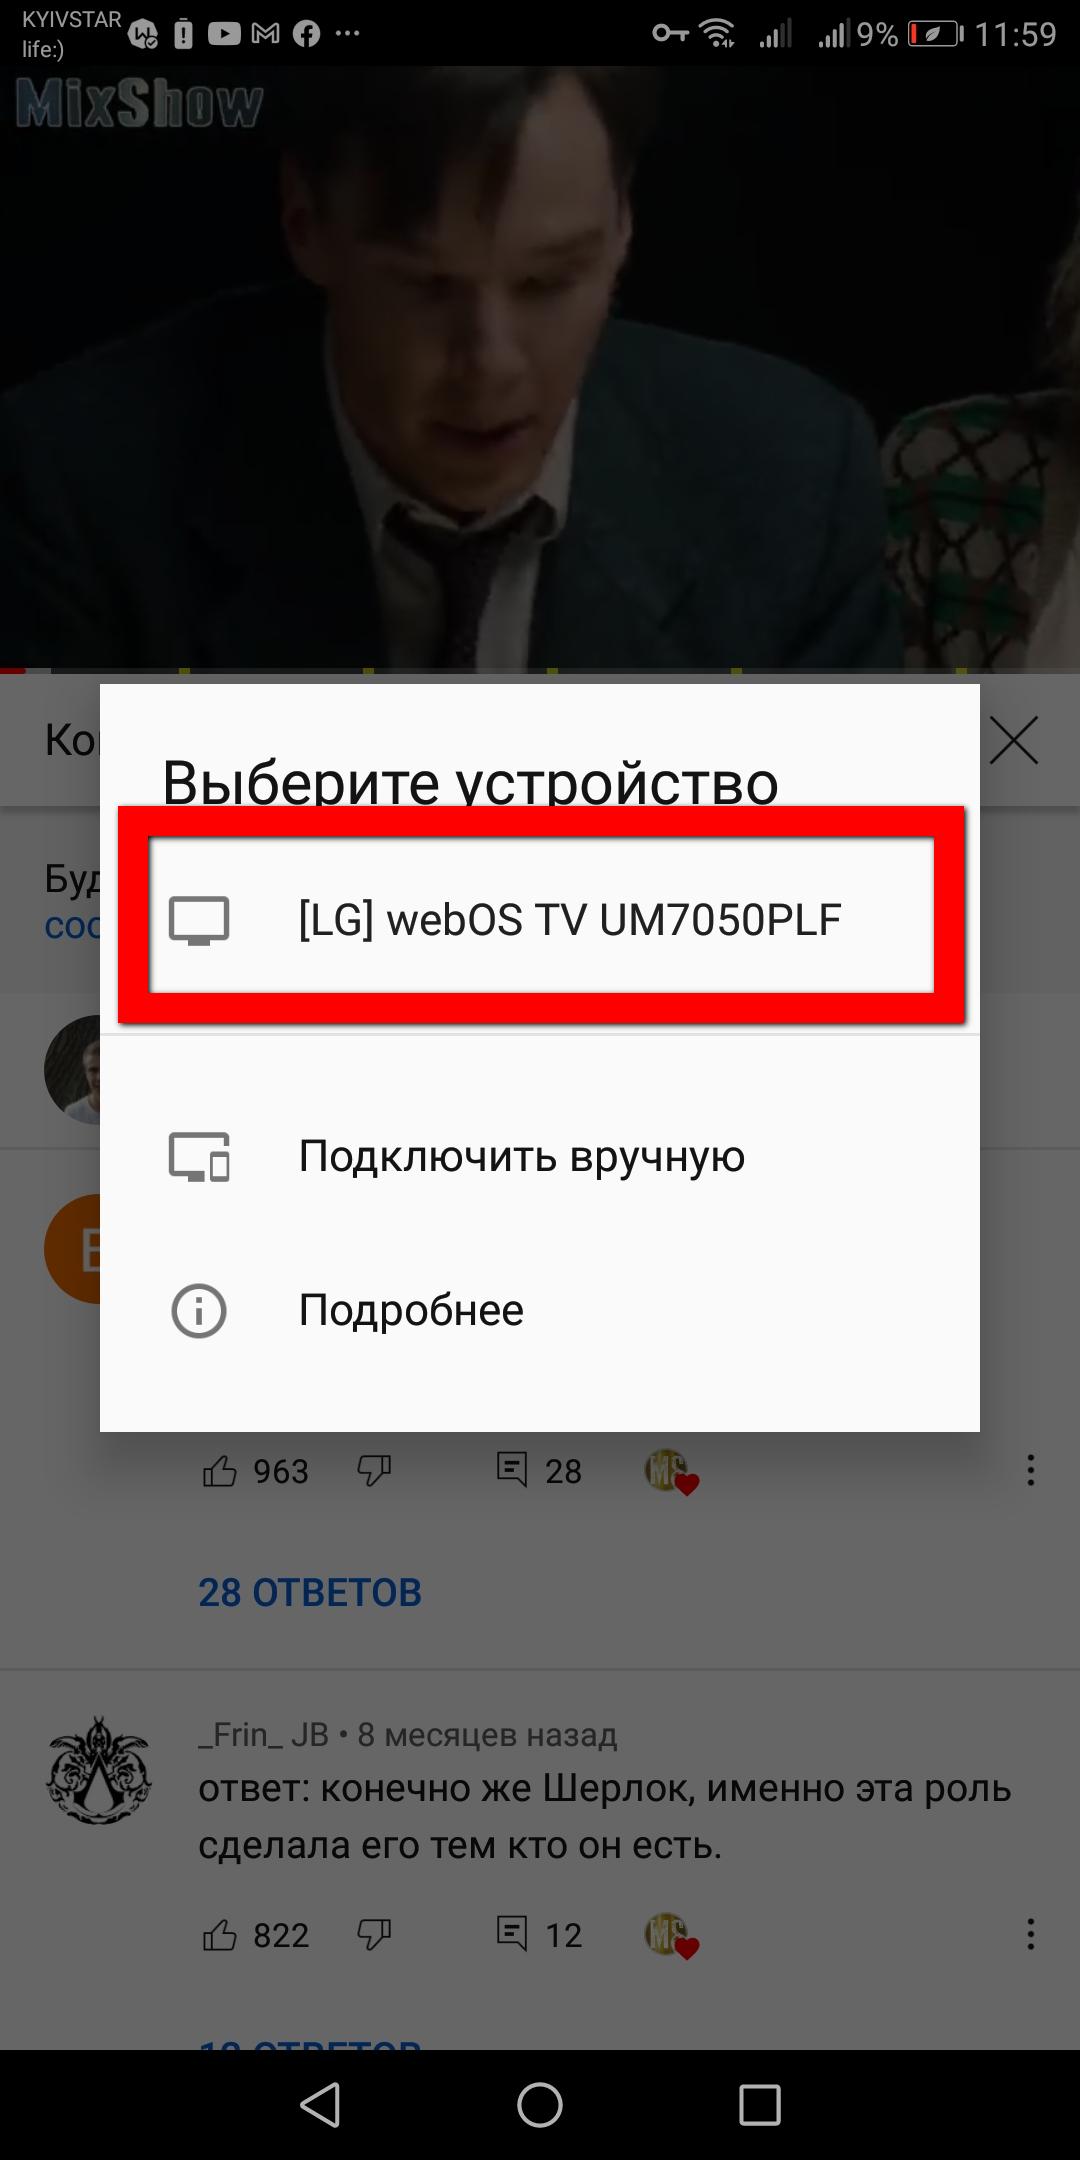 Как скачать и установить Youtube на телевизор со Smart TV